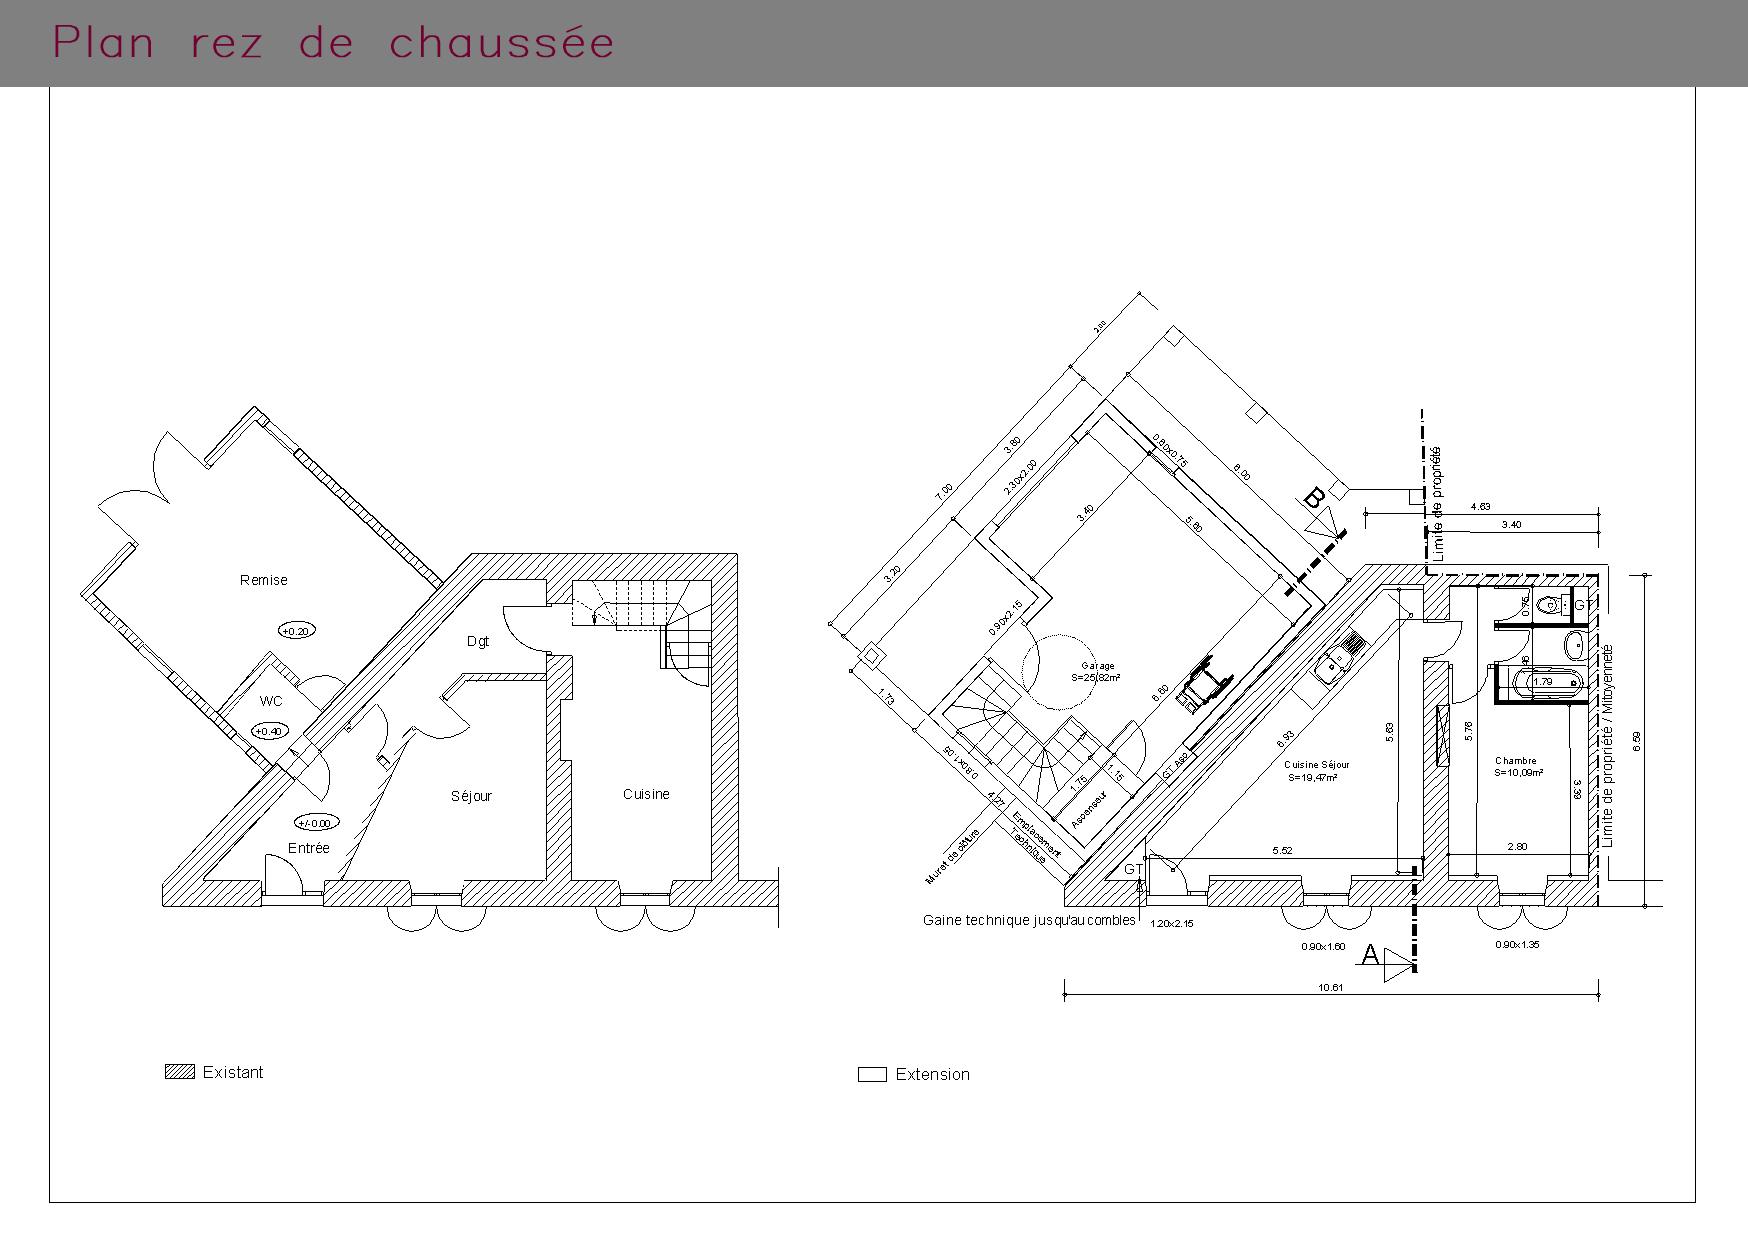 Plan du rez-de-chaussée d'une maison PMR